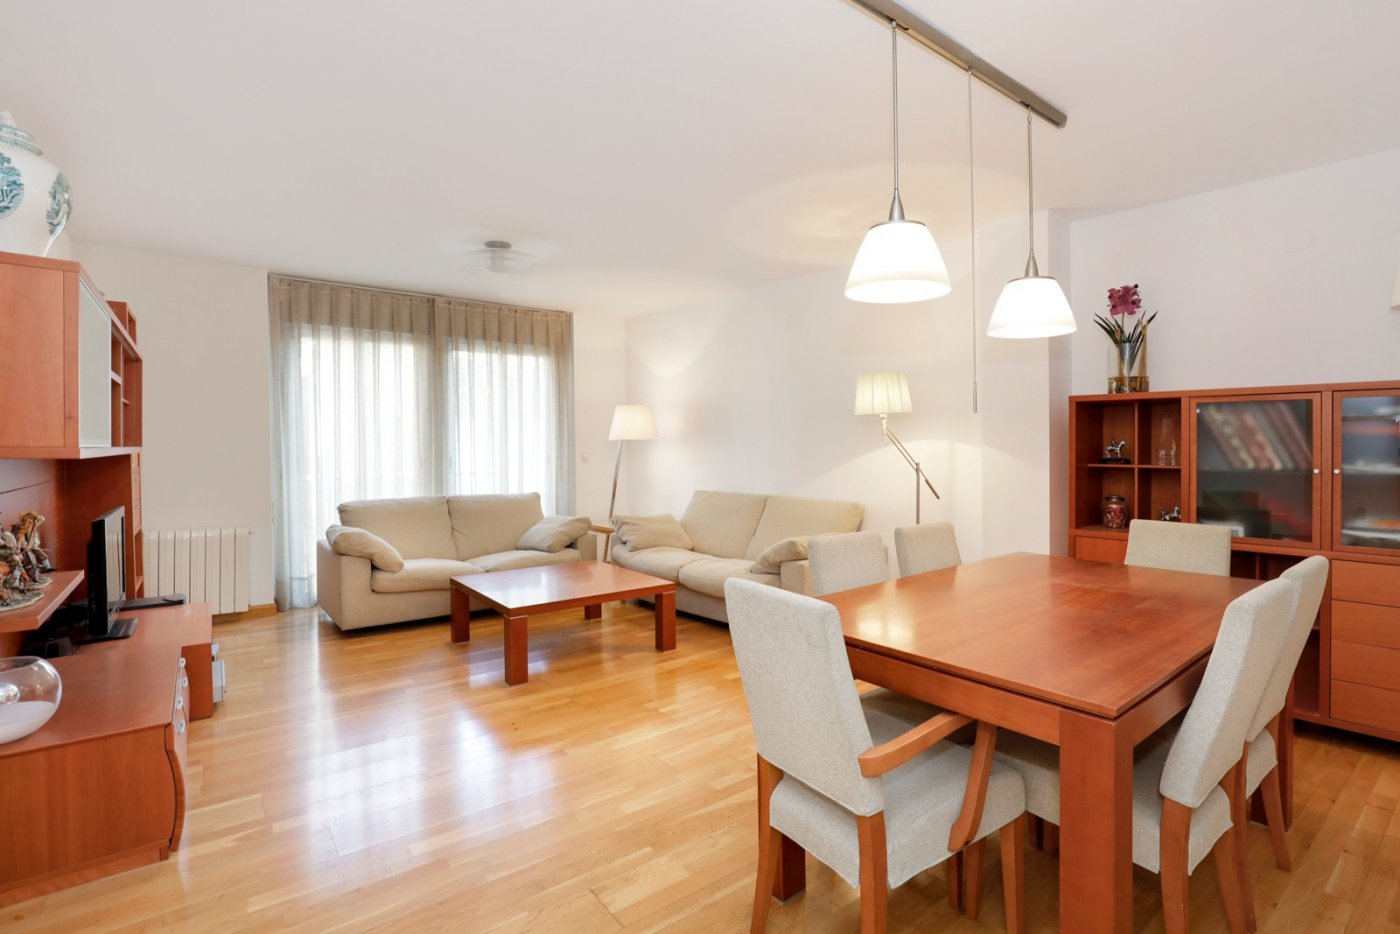 Extraordinario piso de lujo en perfecto estado en pleno centro, a pocos pasos de San Anton, Granada